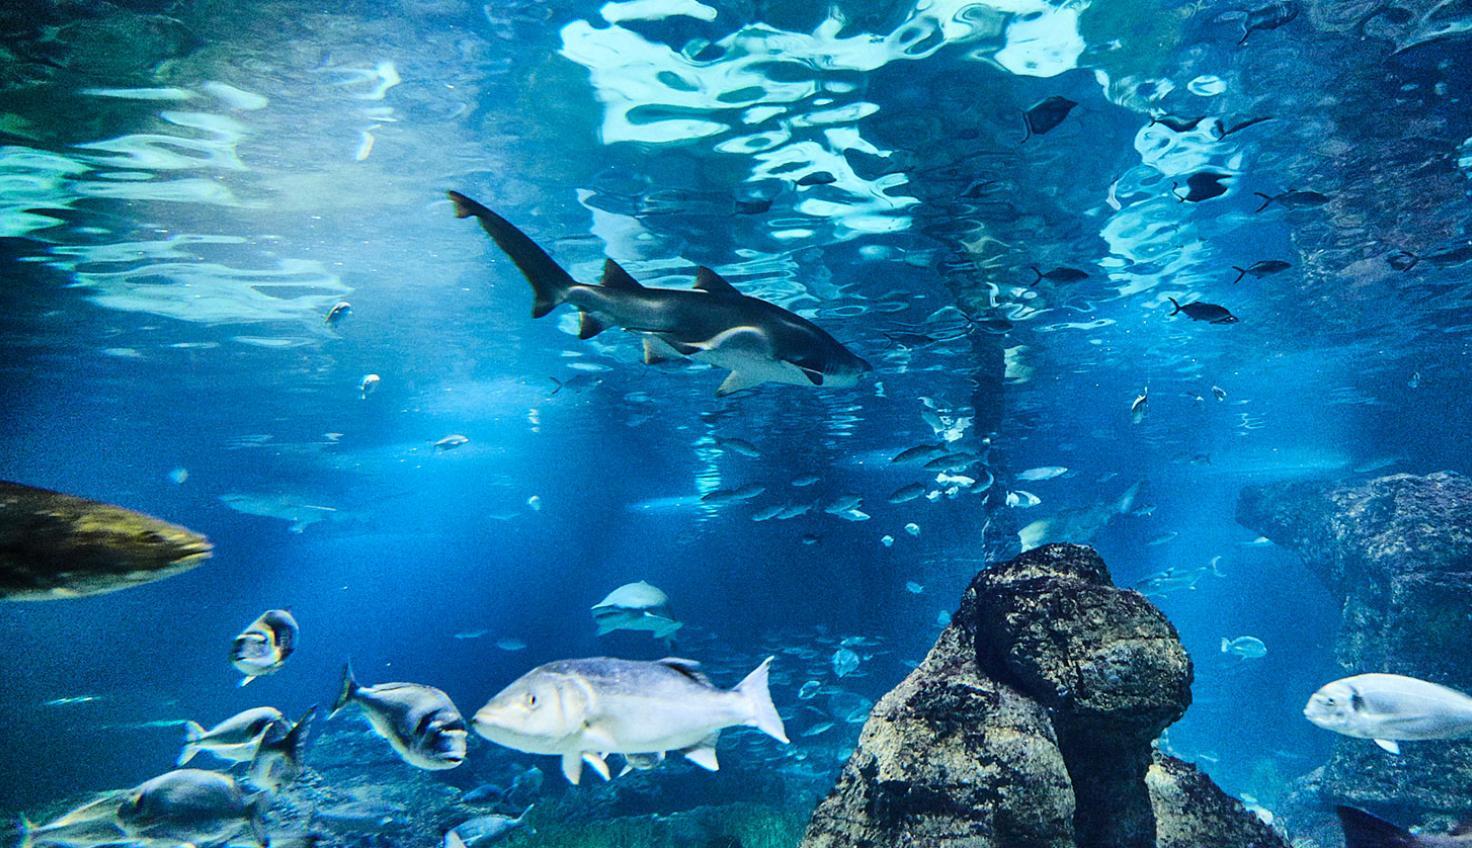 تجربه دیدن دنیای زیر آب در آکواریوم بارسلونا